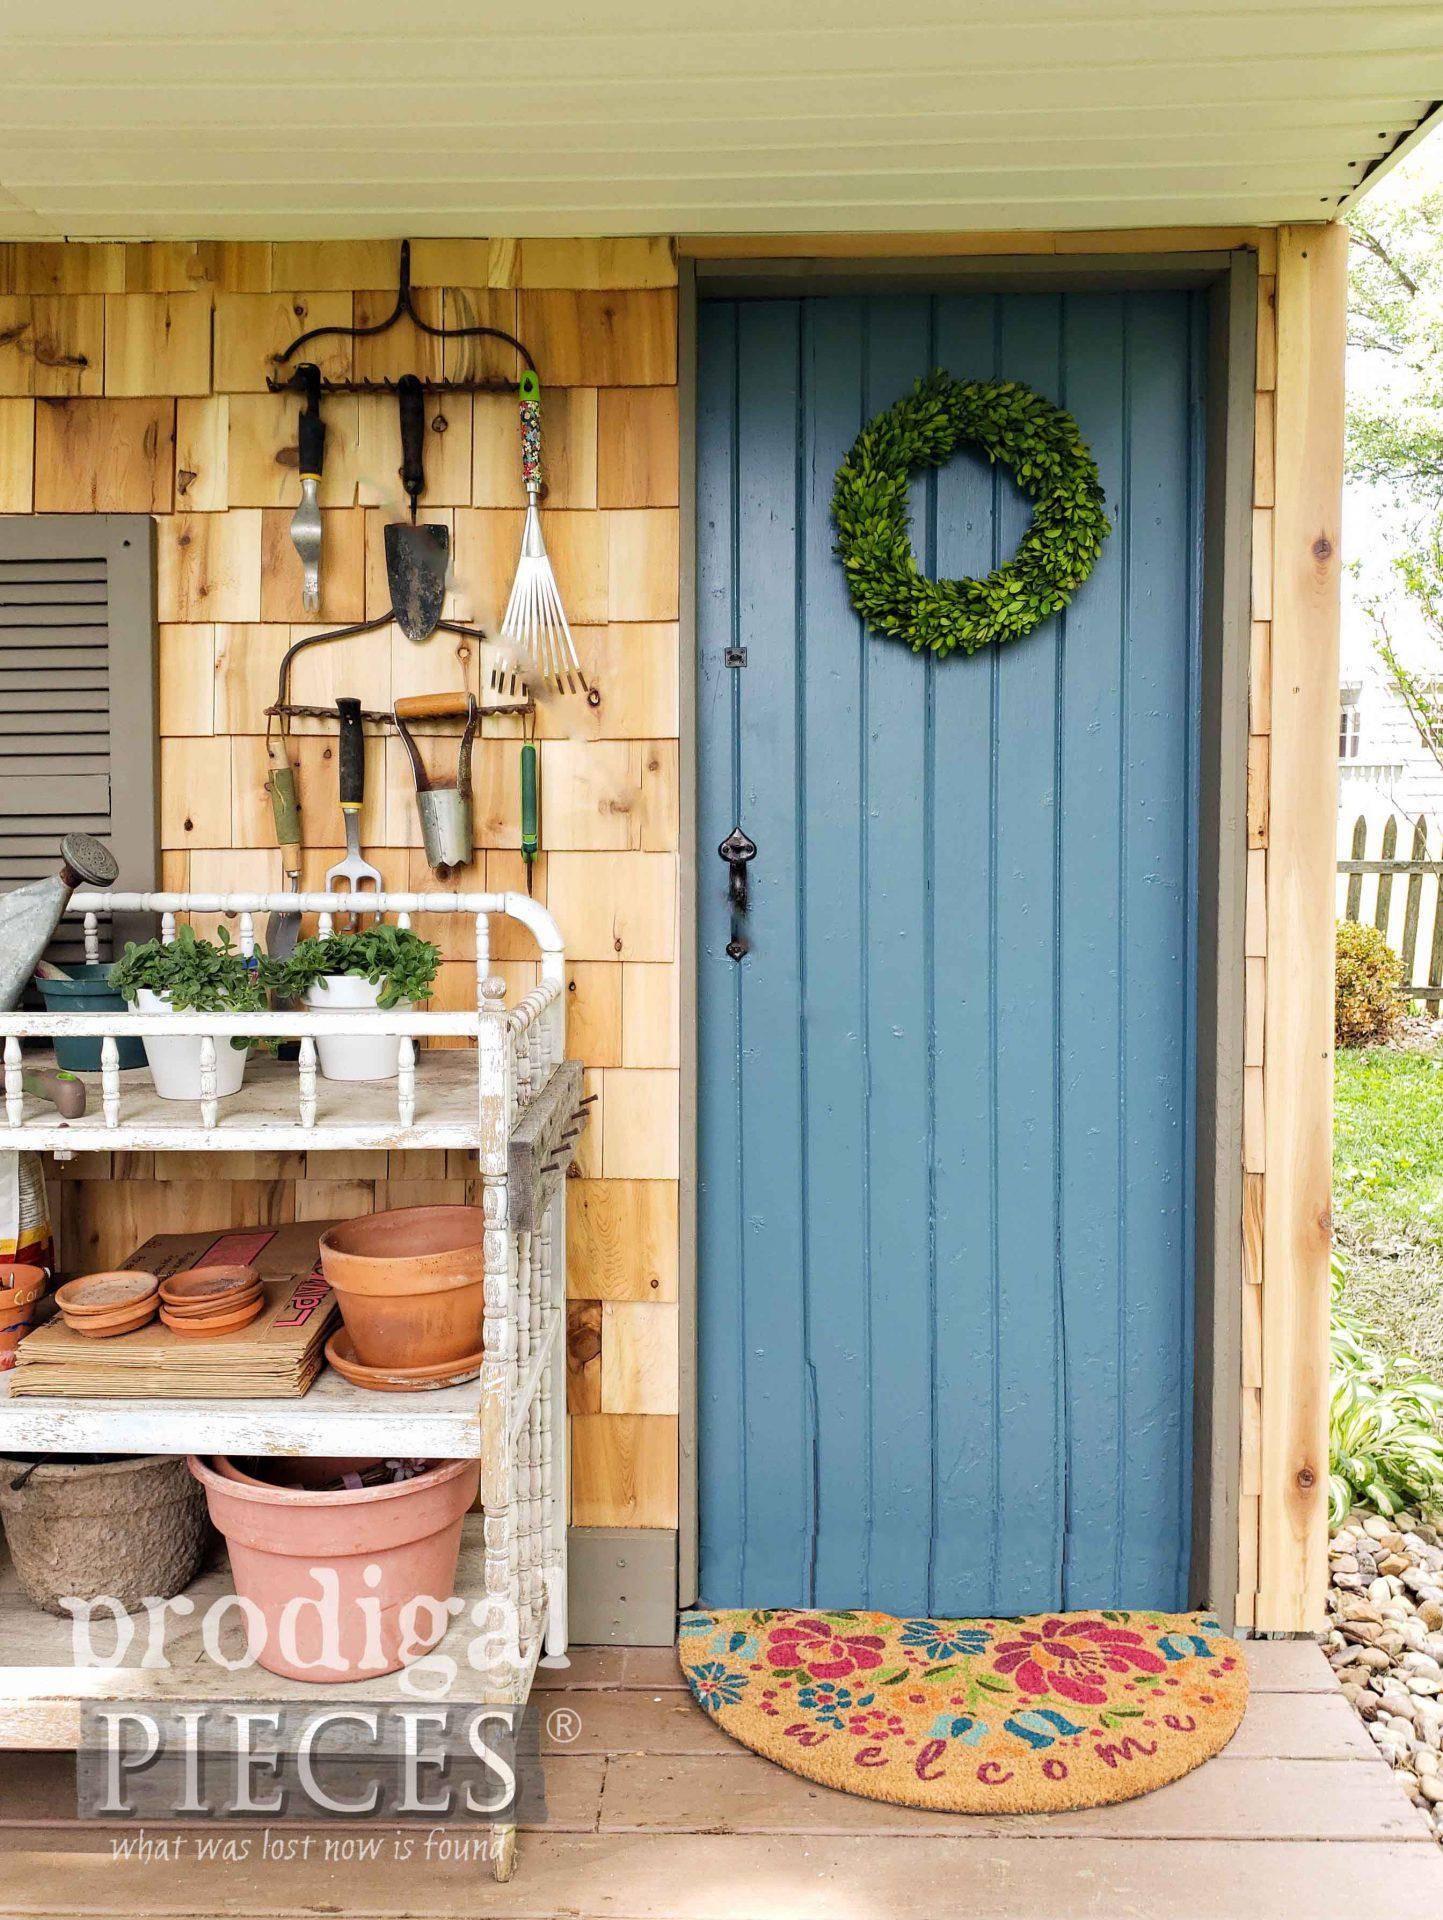 Blue Garden Shed Door | prodigalpieces.com #prodigalpieces #diy #garden #home